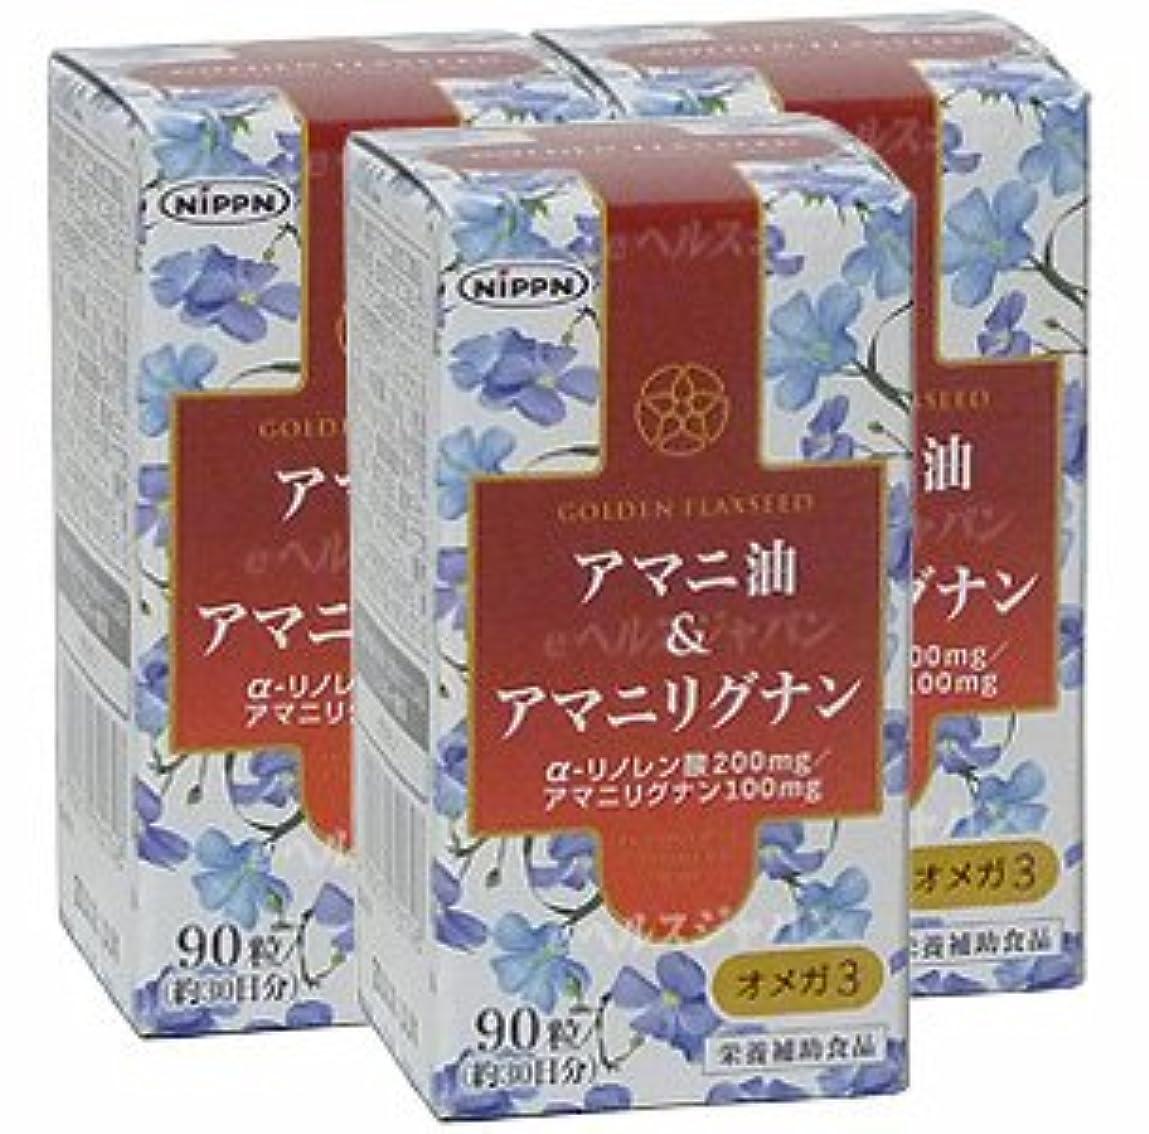 映画安らぎ考えるアマニ油&アマニリグナン【3本セット】日本製粉